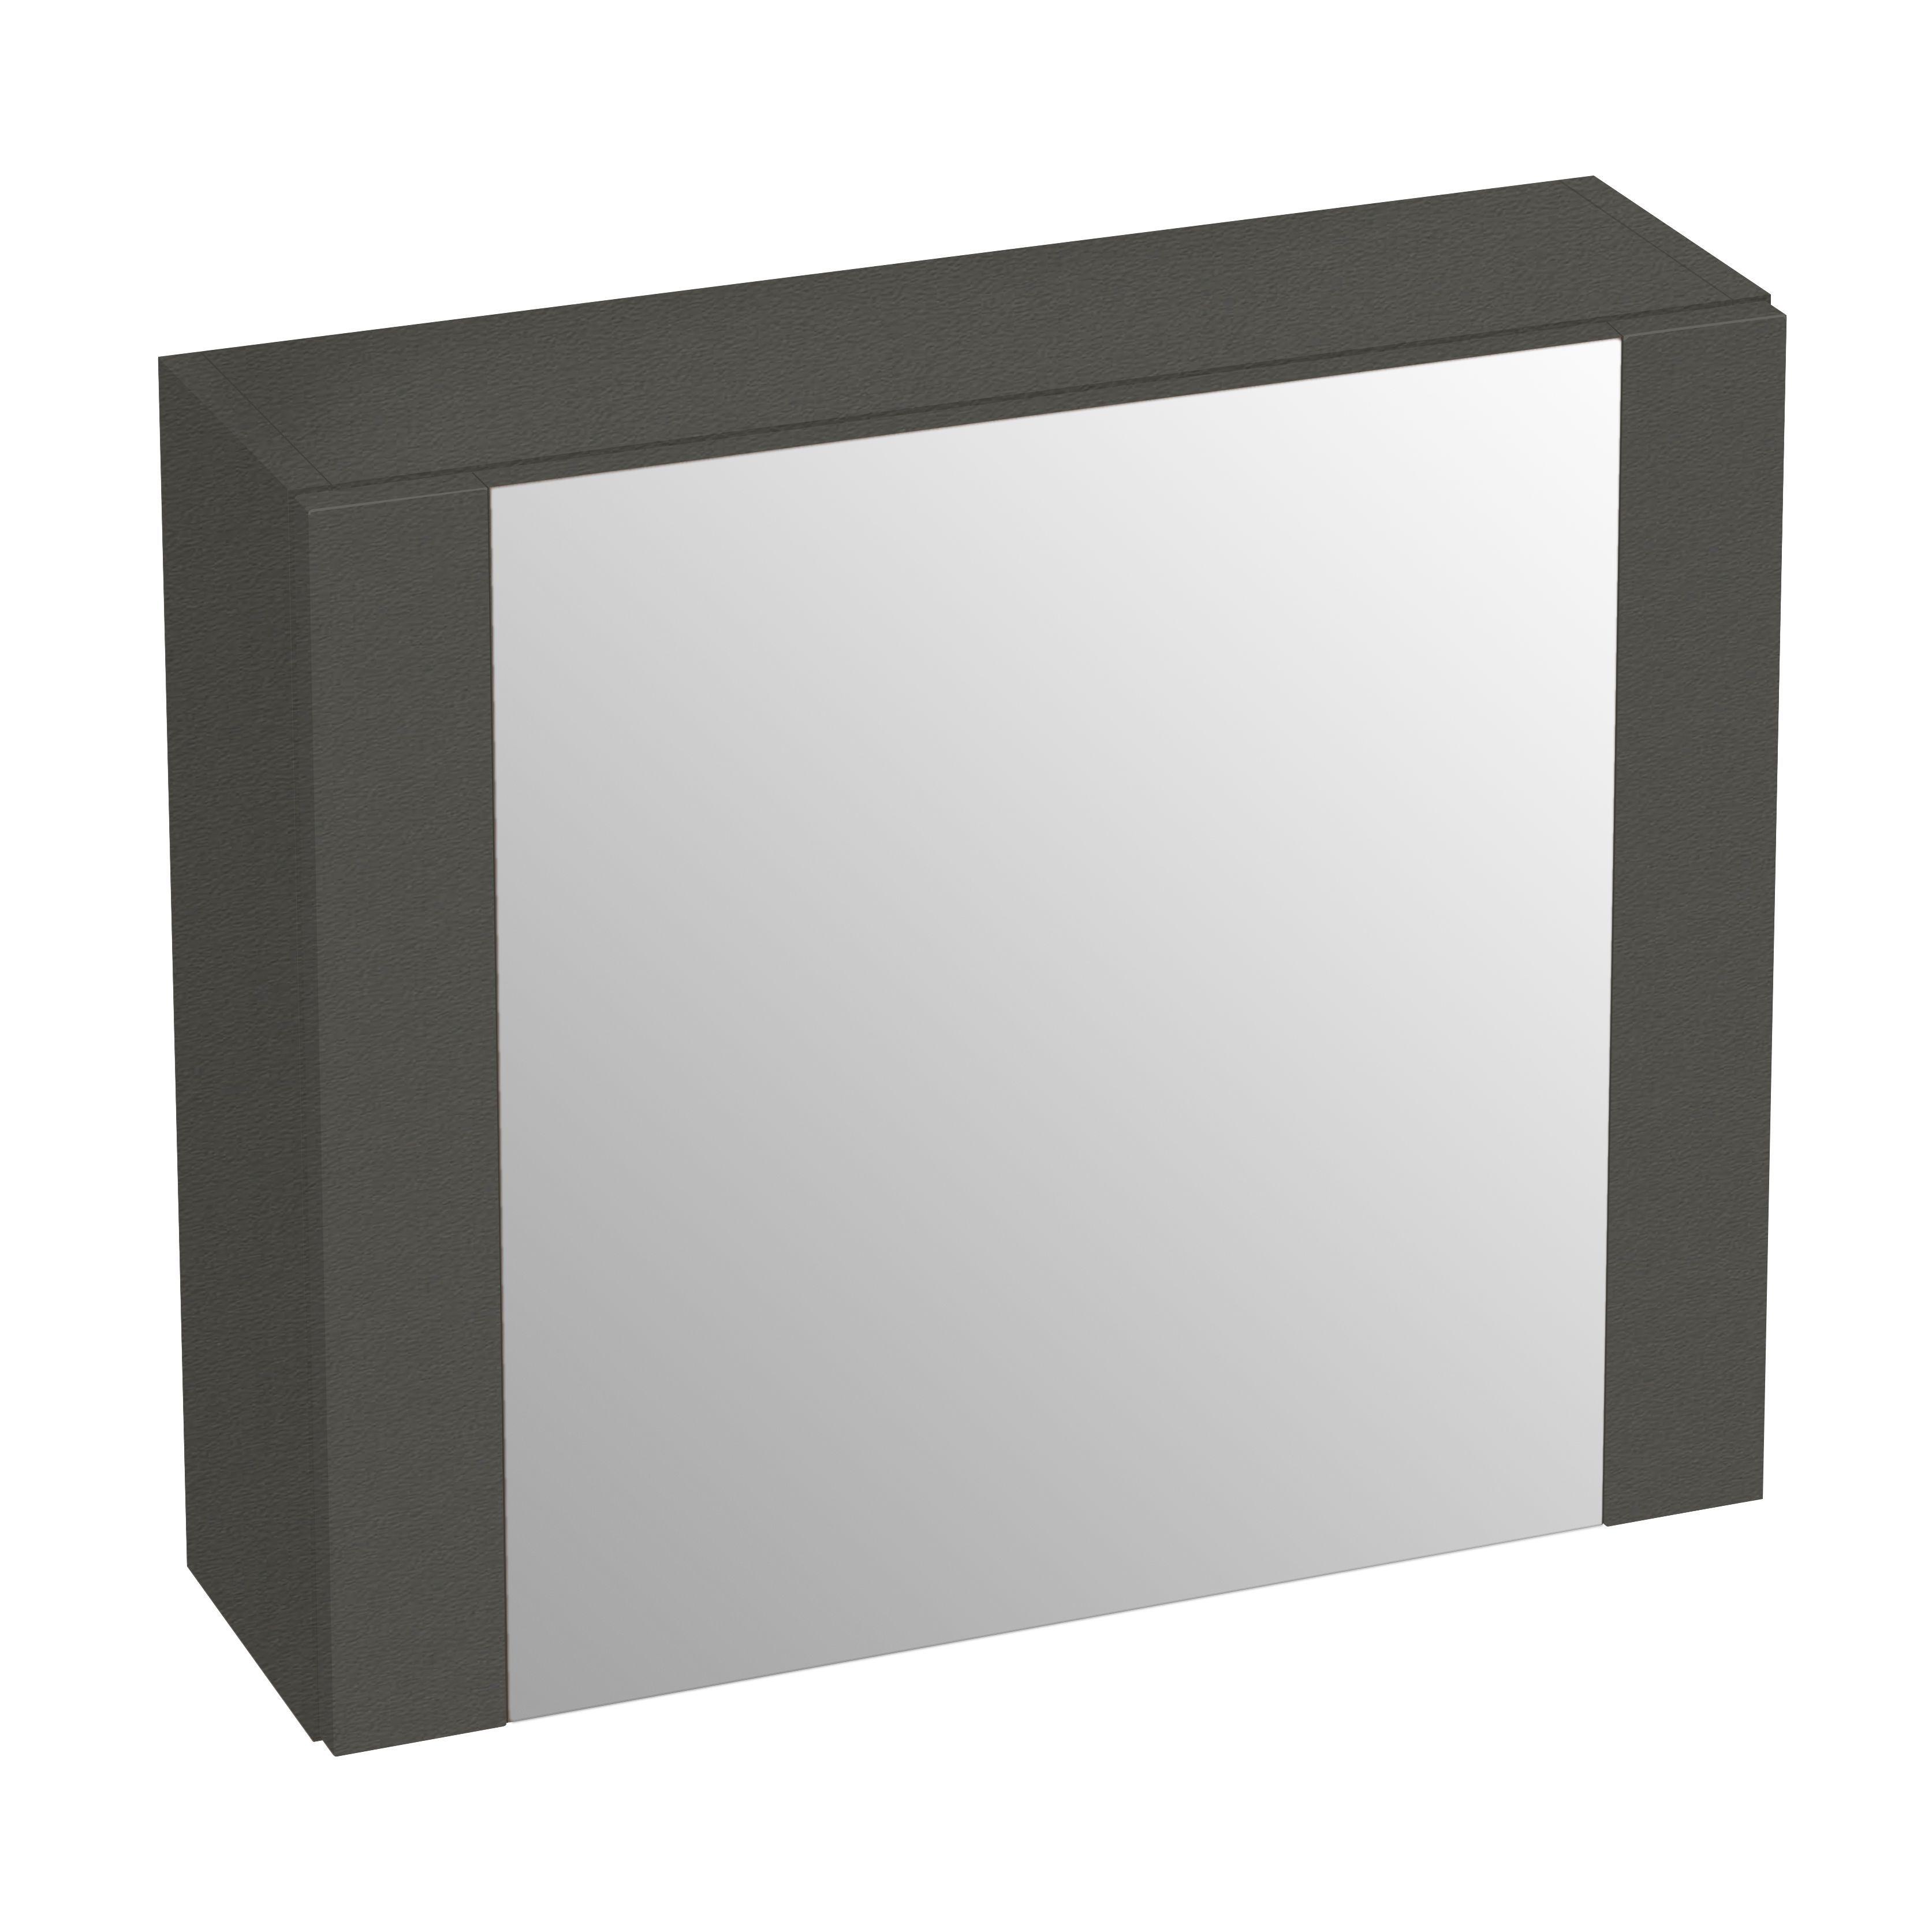 cooke lewis romana single door grey matt medium mirror cabinet